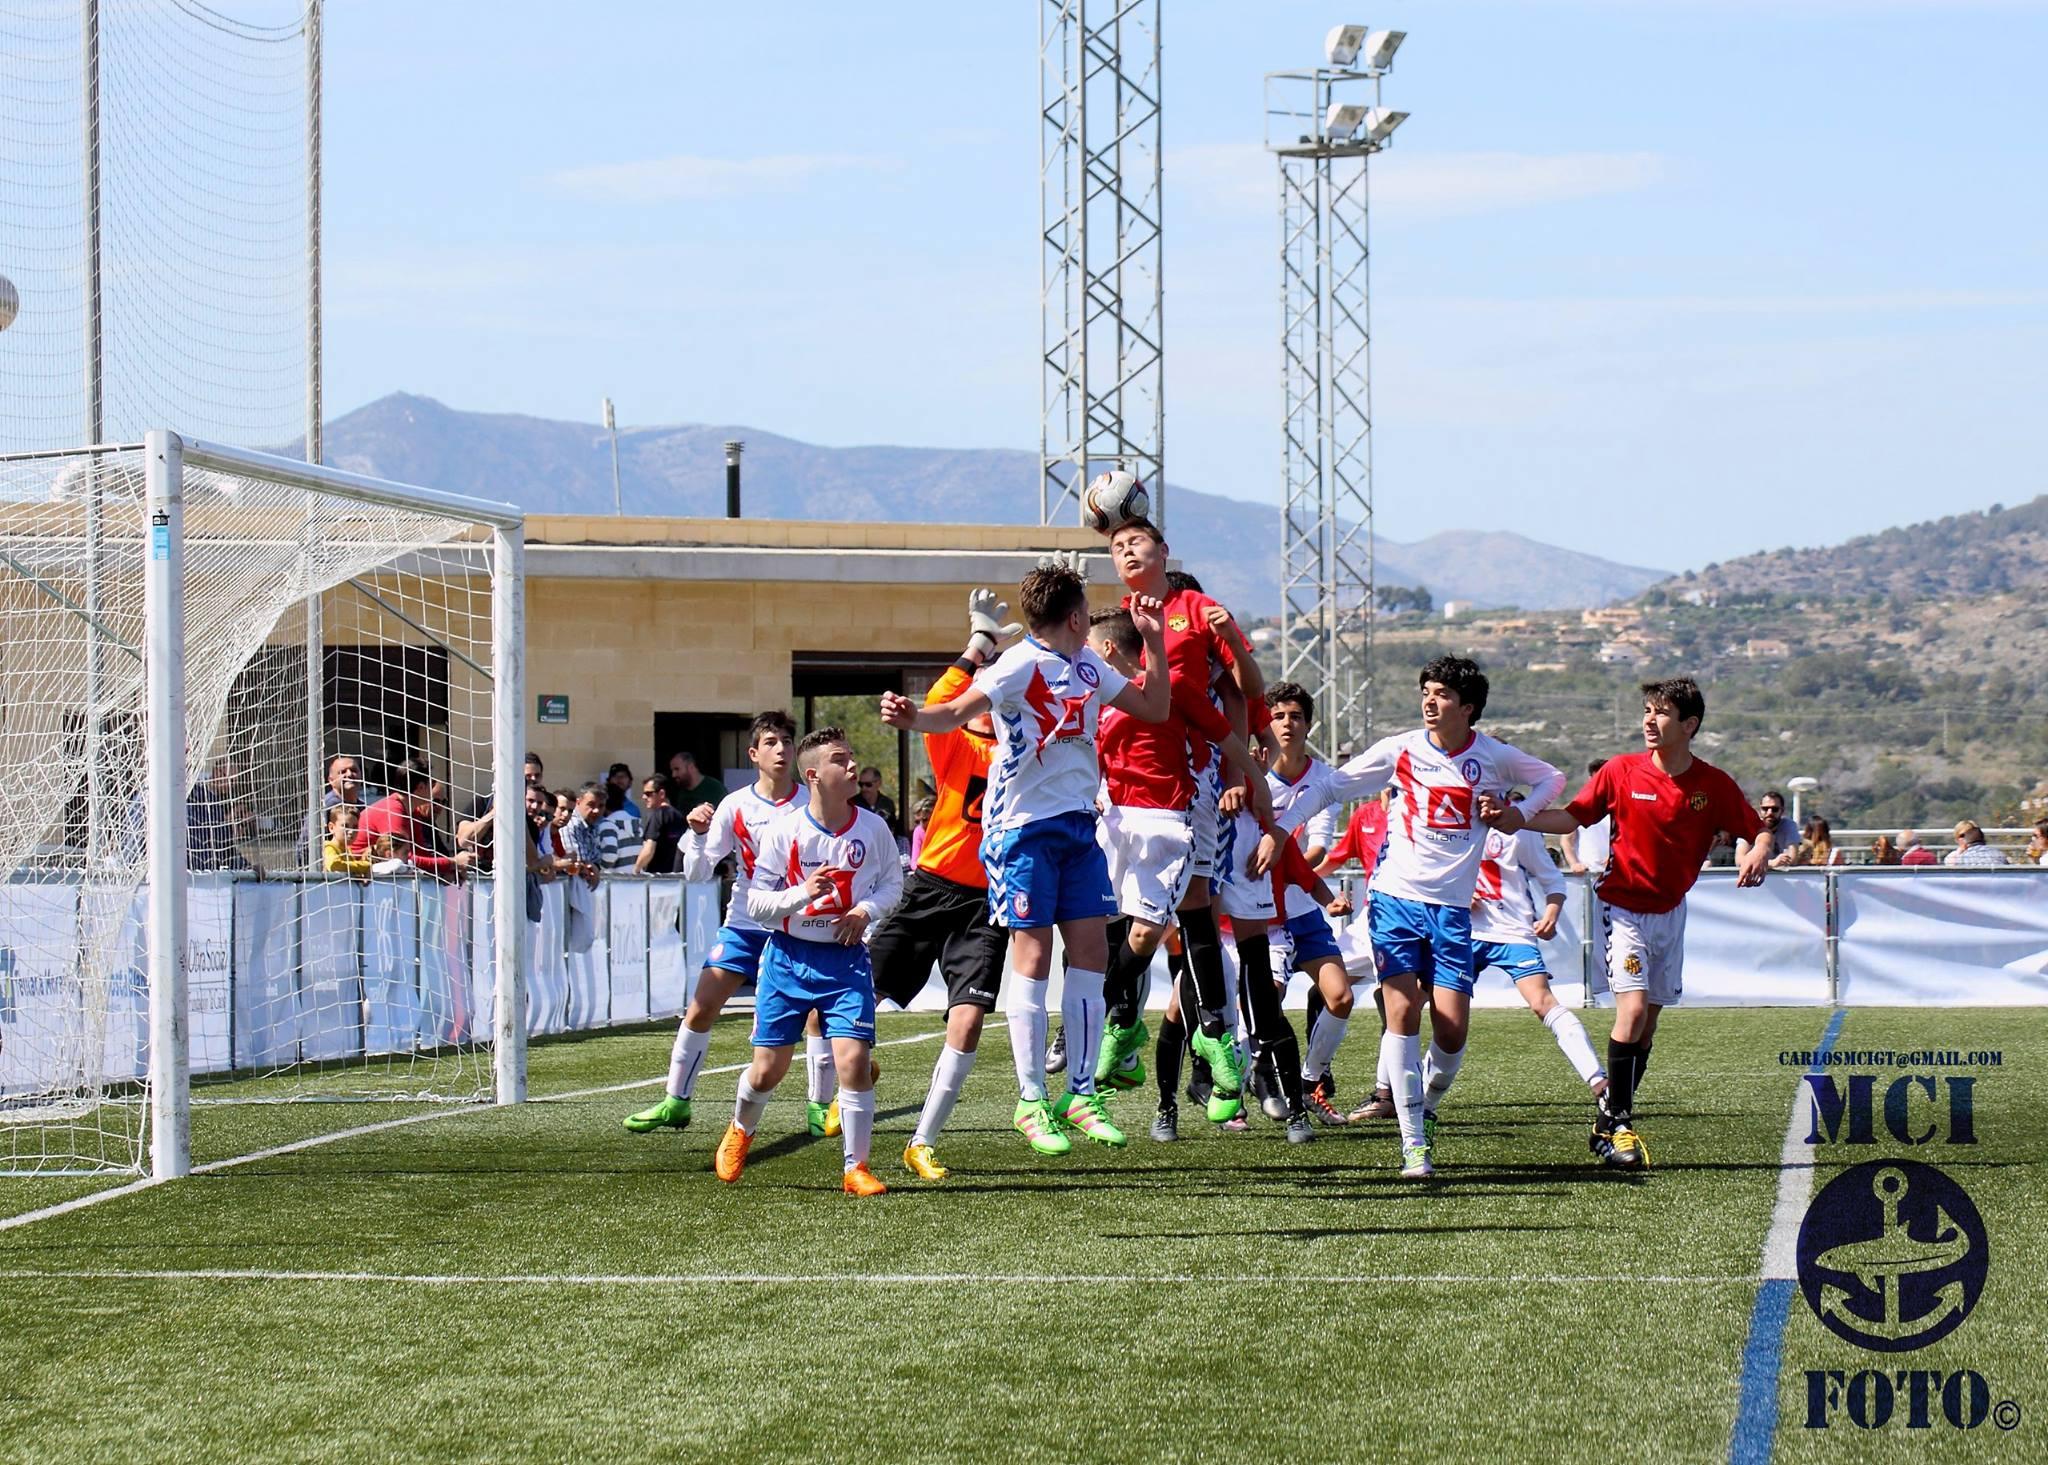 Foto cedida por Carlos Giménez Tarín